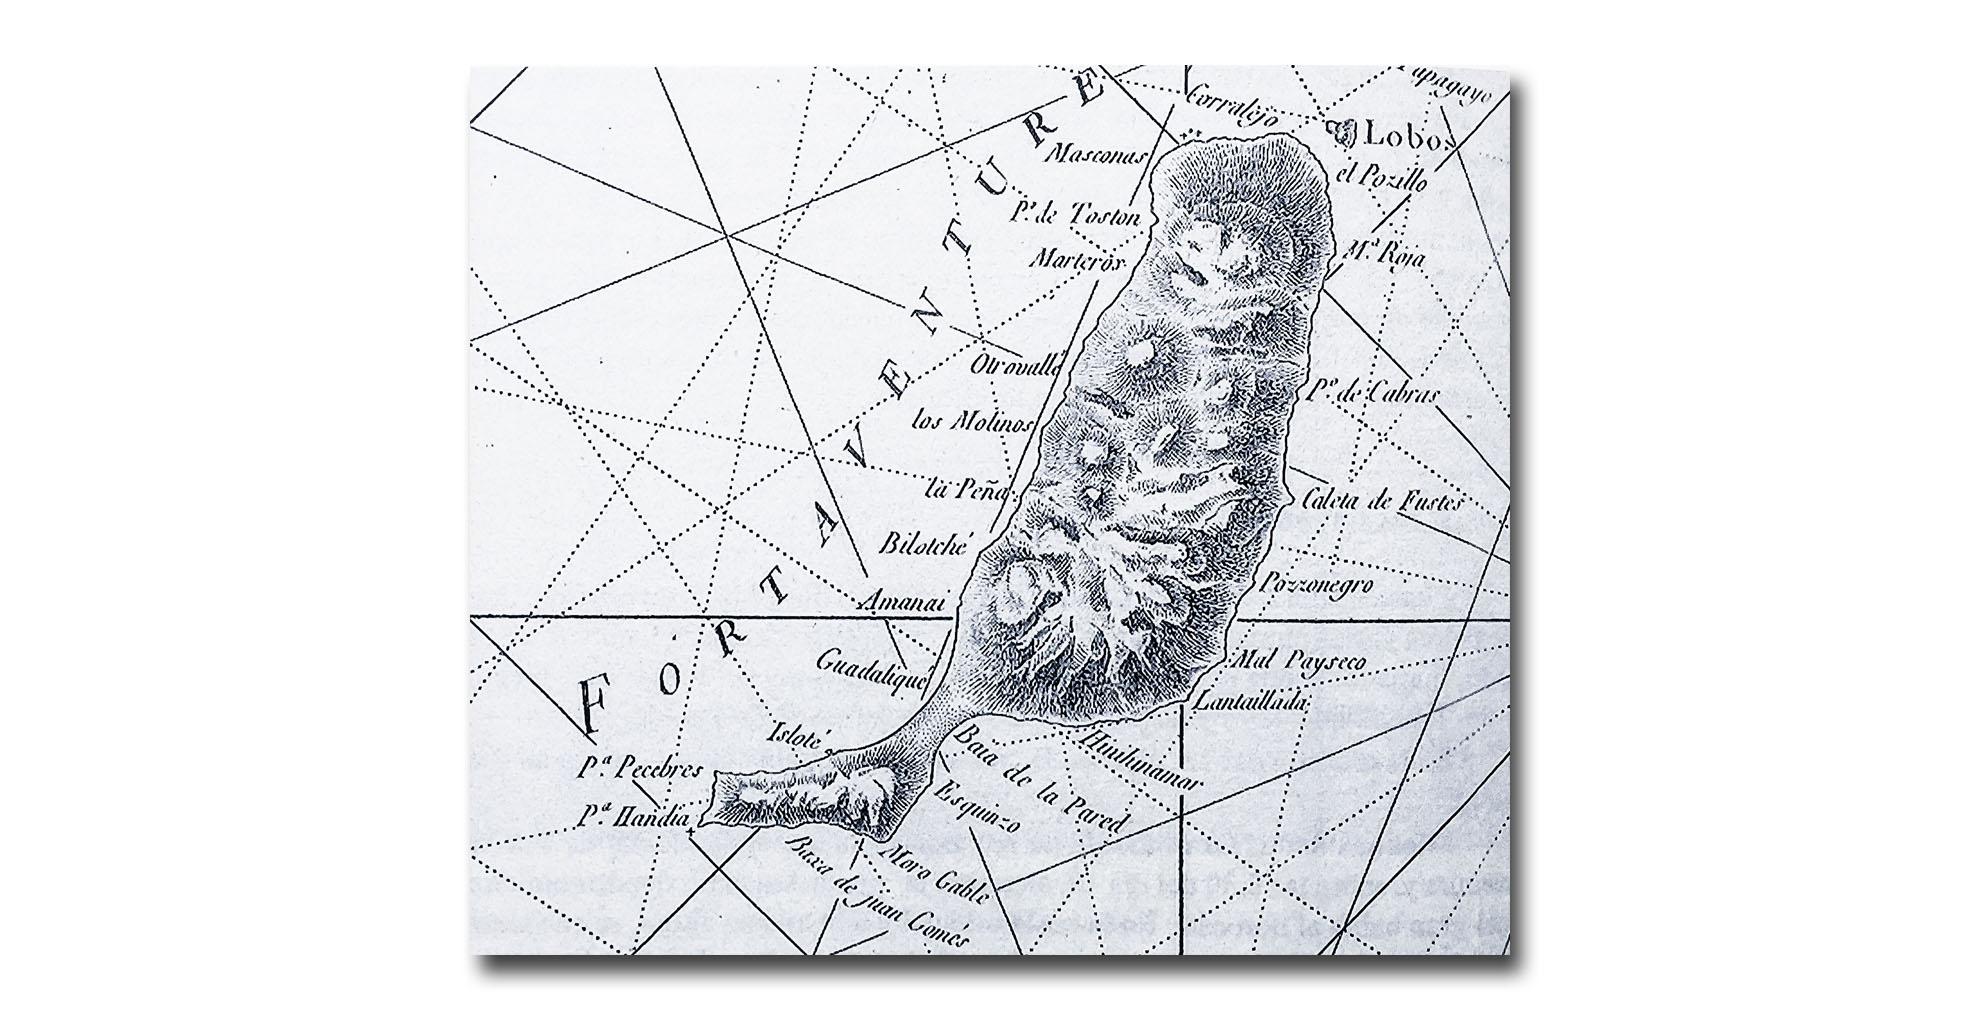 Die ersten exakt vermessenen Karten des kanarischen Archipels erstellt vom, französischer Mathematiker und Seemann Jean-Charles de Borda aus dem Jahre 1780.